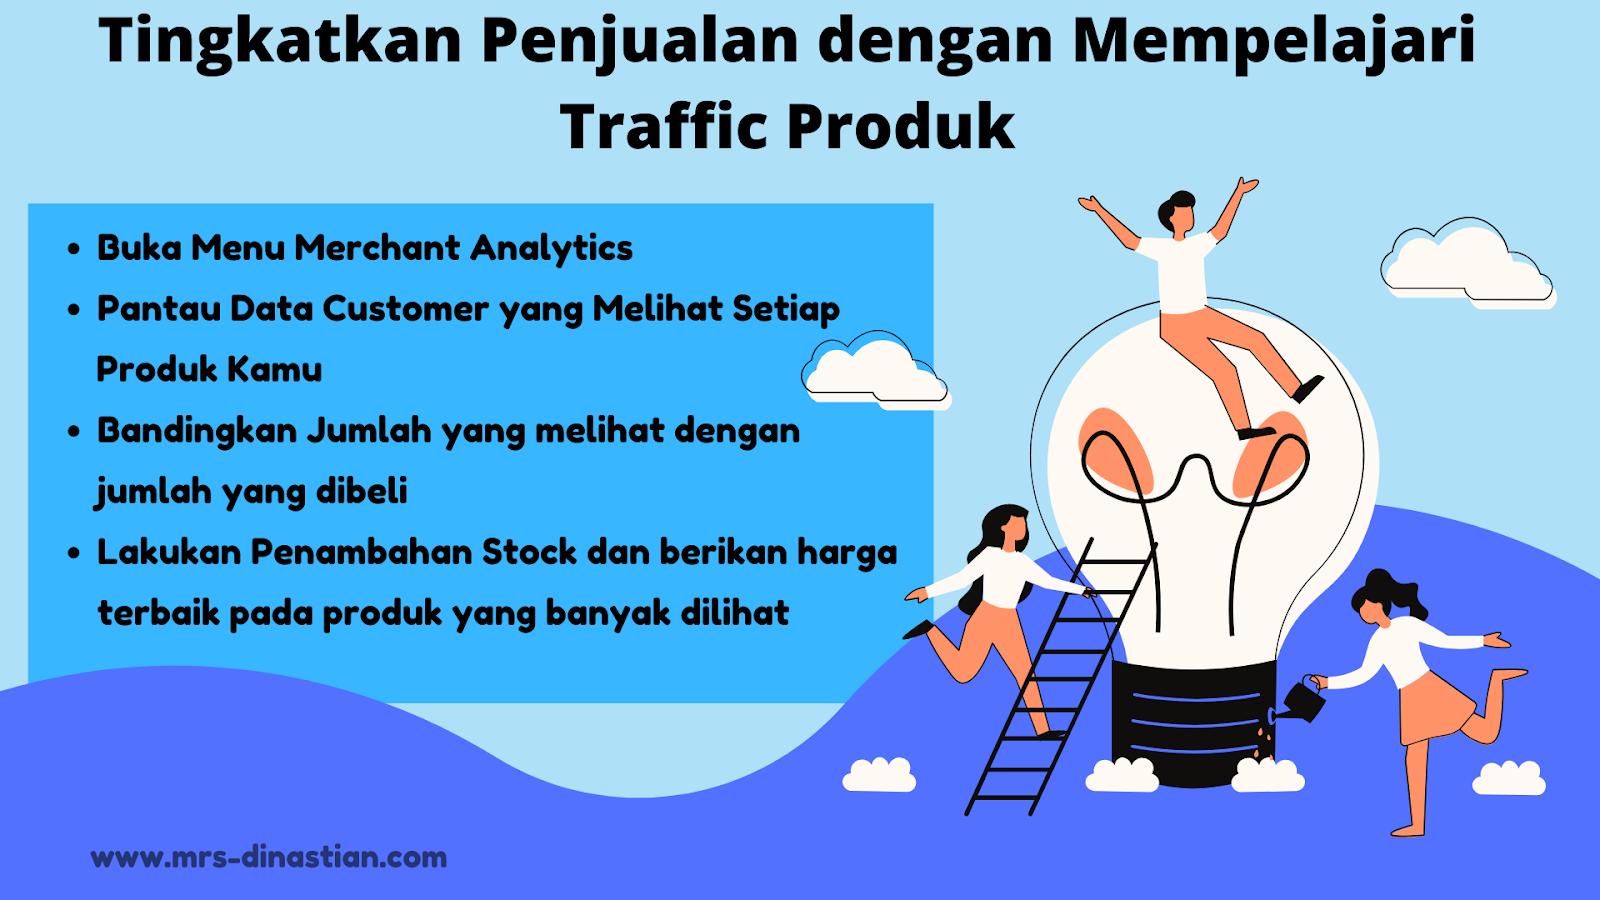 Tingkatkan Penjualan dengan Merchant Analytic